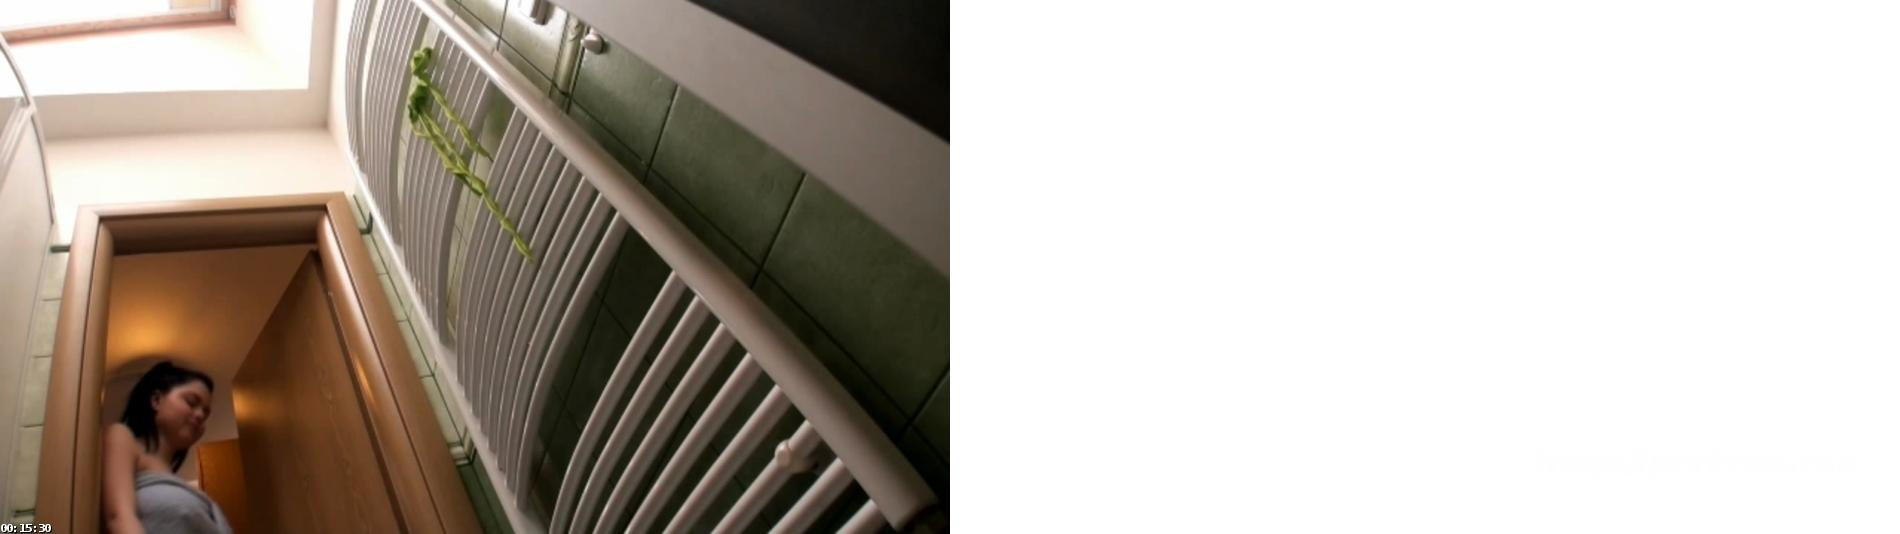 [BUR-387] 世界が誇る 夢の超乳 奇跡のK-cup!Shion - image BUR-387b on https://javfree.me